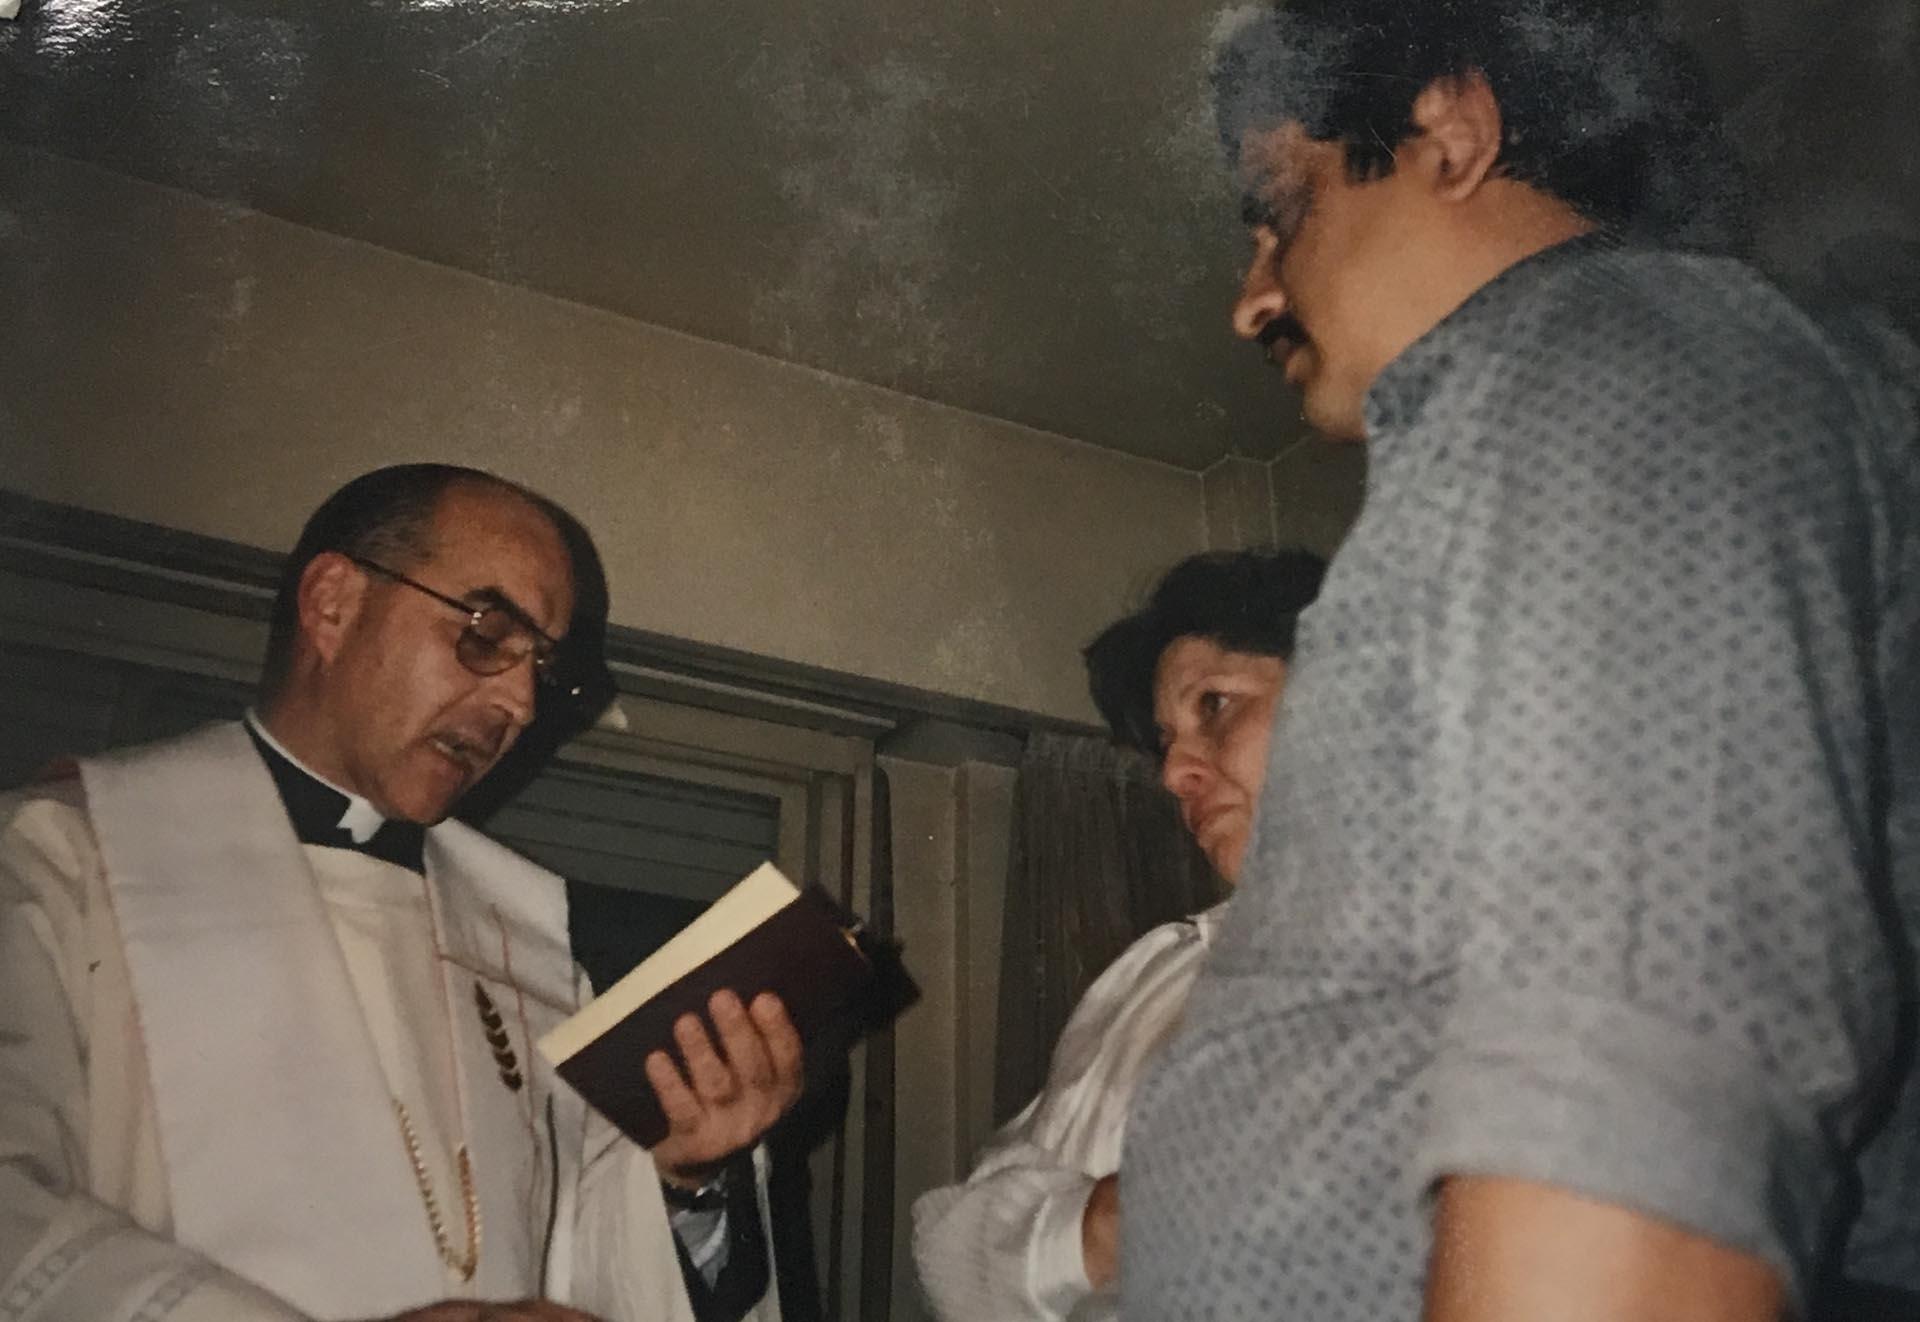 Roberto Toledo bautizó a la hija de Rodolfo Silva, quien hoy lo señala como presunto asesino de su hermano Norberto